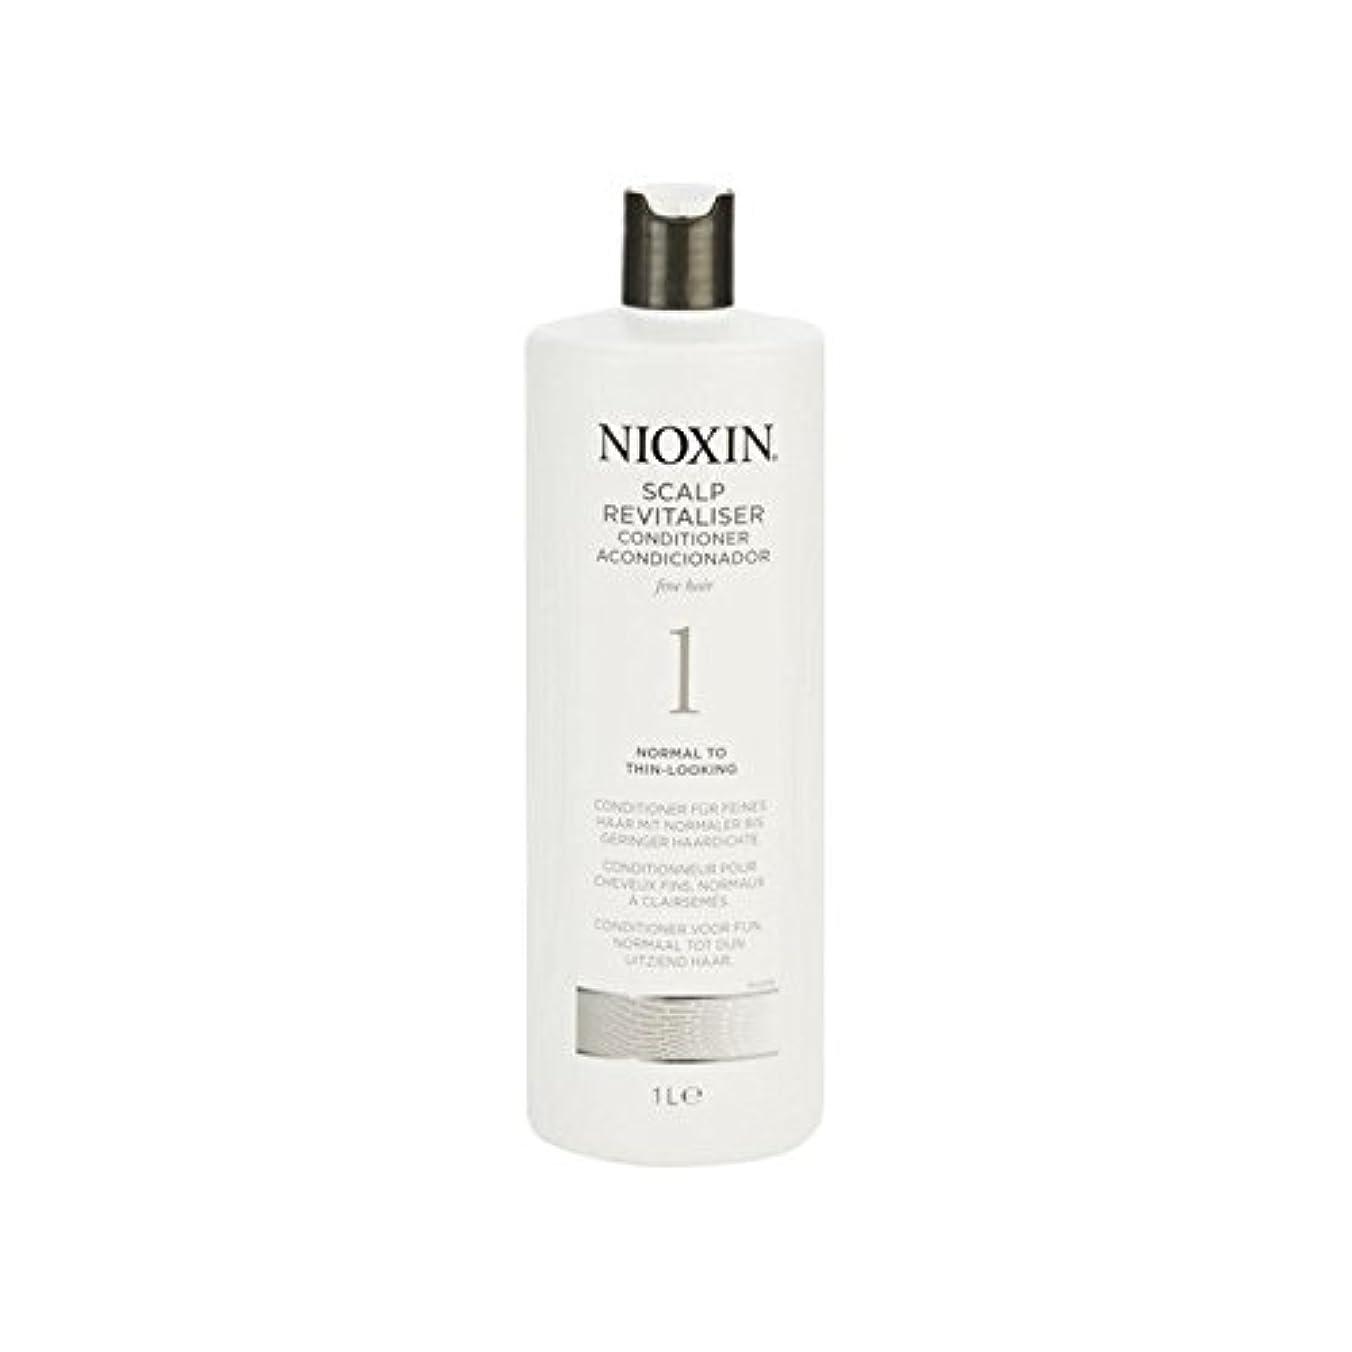 細かい自然な髪千ミリリットルに、通常のためニオキシンシステム1人の頭皮コンディショナー x4 - Nioxin System 1 Scalp Revitaliser Conditioner For Normal To Fine...